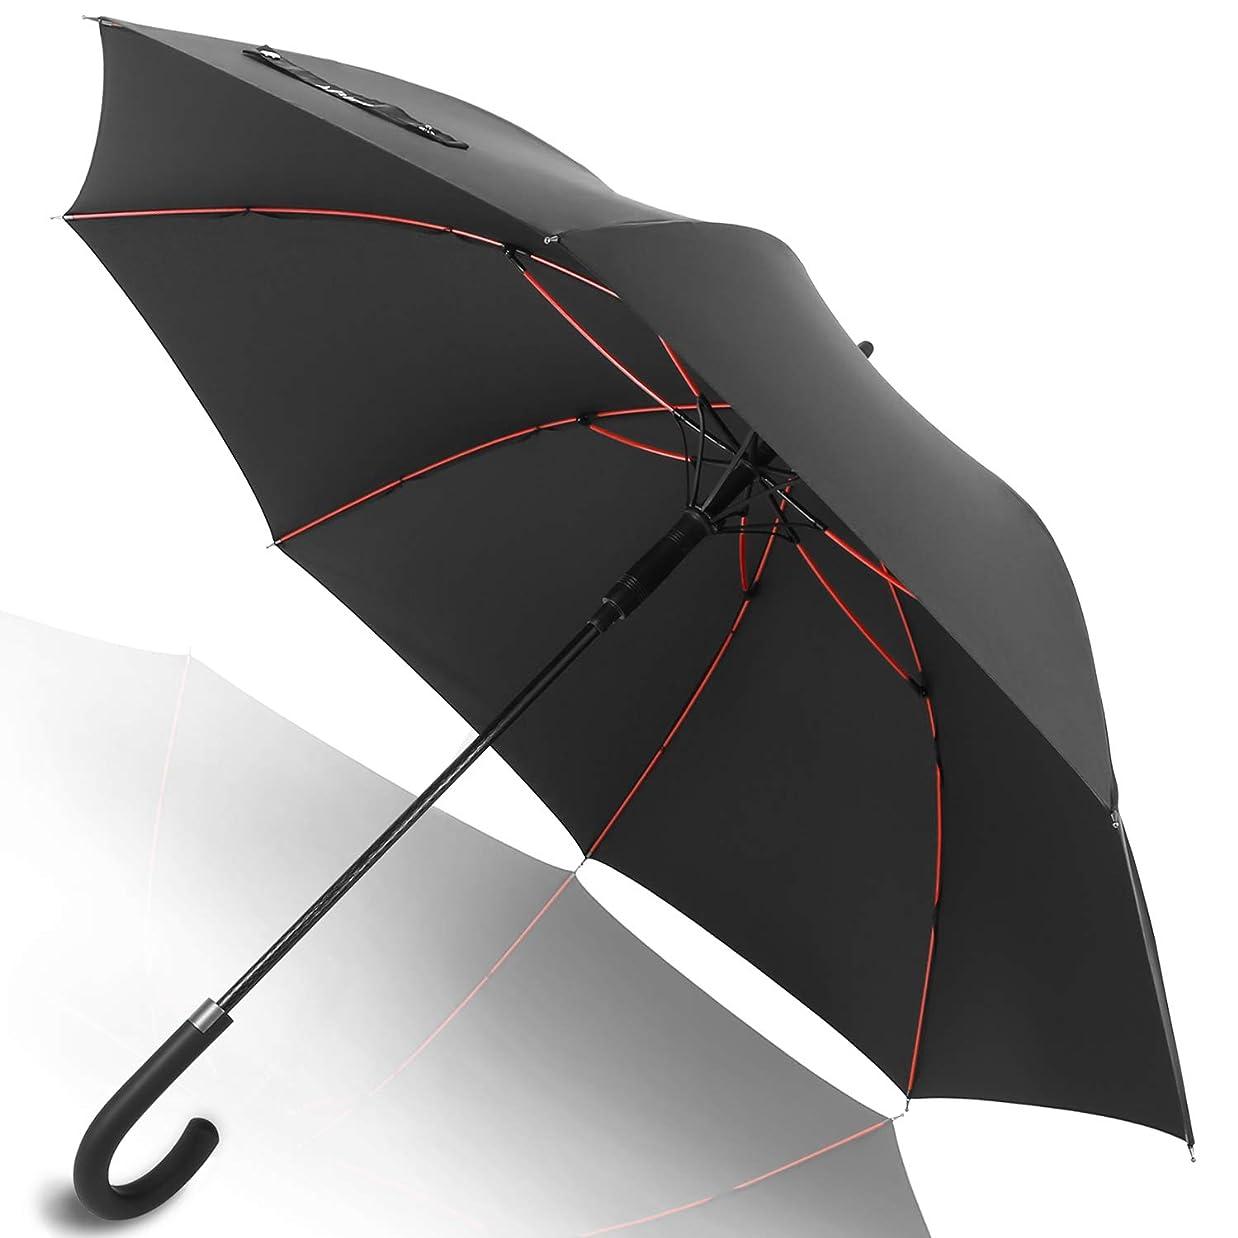 ホイスト無許可セレナAnntrue 傘 長傘 メンズ レディース ワンタッチ 丈夫 撥水 耐風 Teflon加工 210T高強度グラスファイバー 軽量 大型 130cm 梅雨対策 晴雨兼用 収納ポーチ付き 永久保証付き